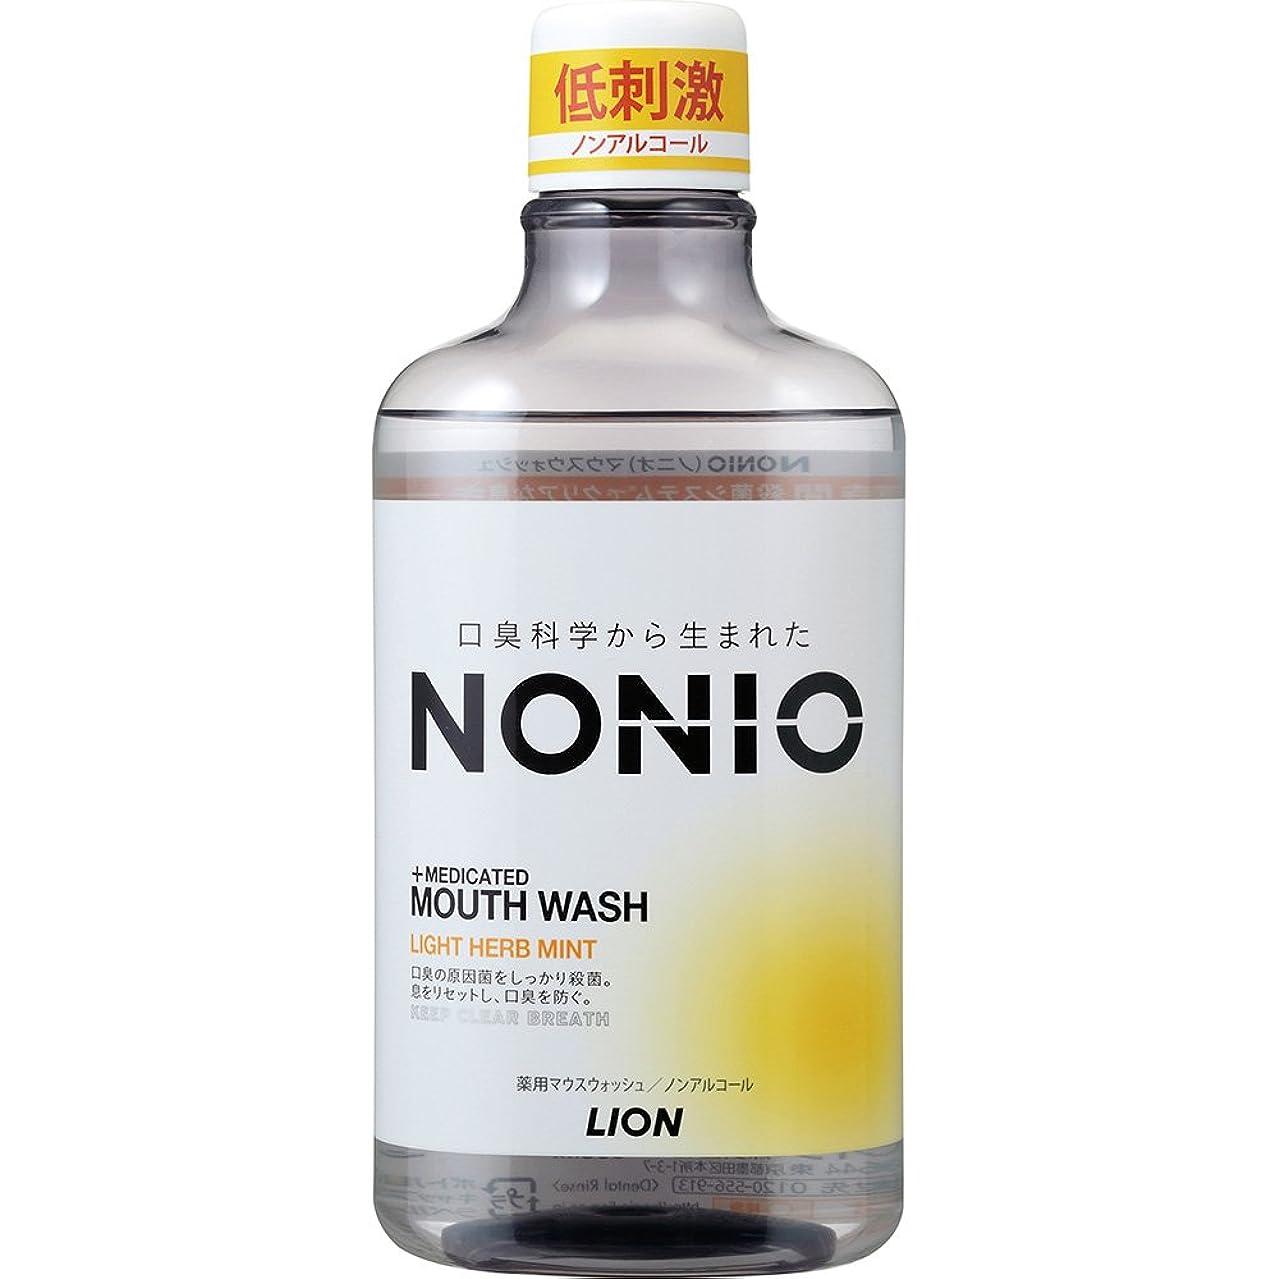 テナント六普及[医薬部外品]NONIO マウスウォッシュ ノンアルコール ライトハーブミント 600ml 洗口液